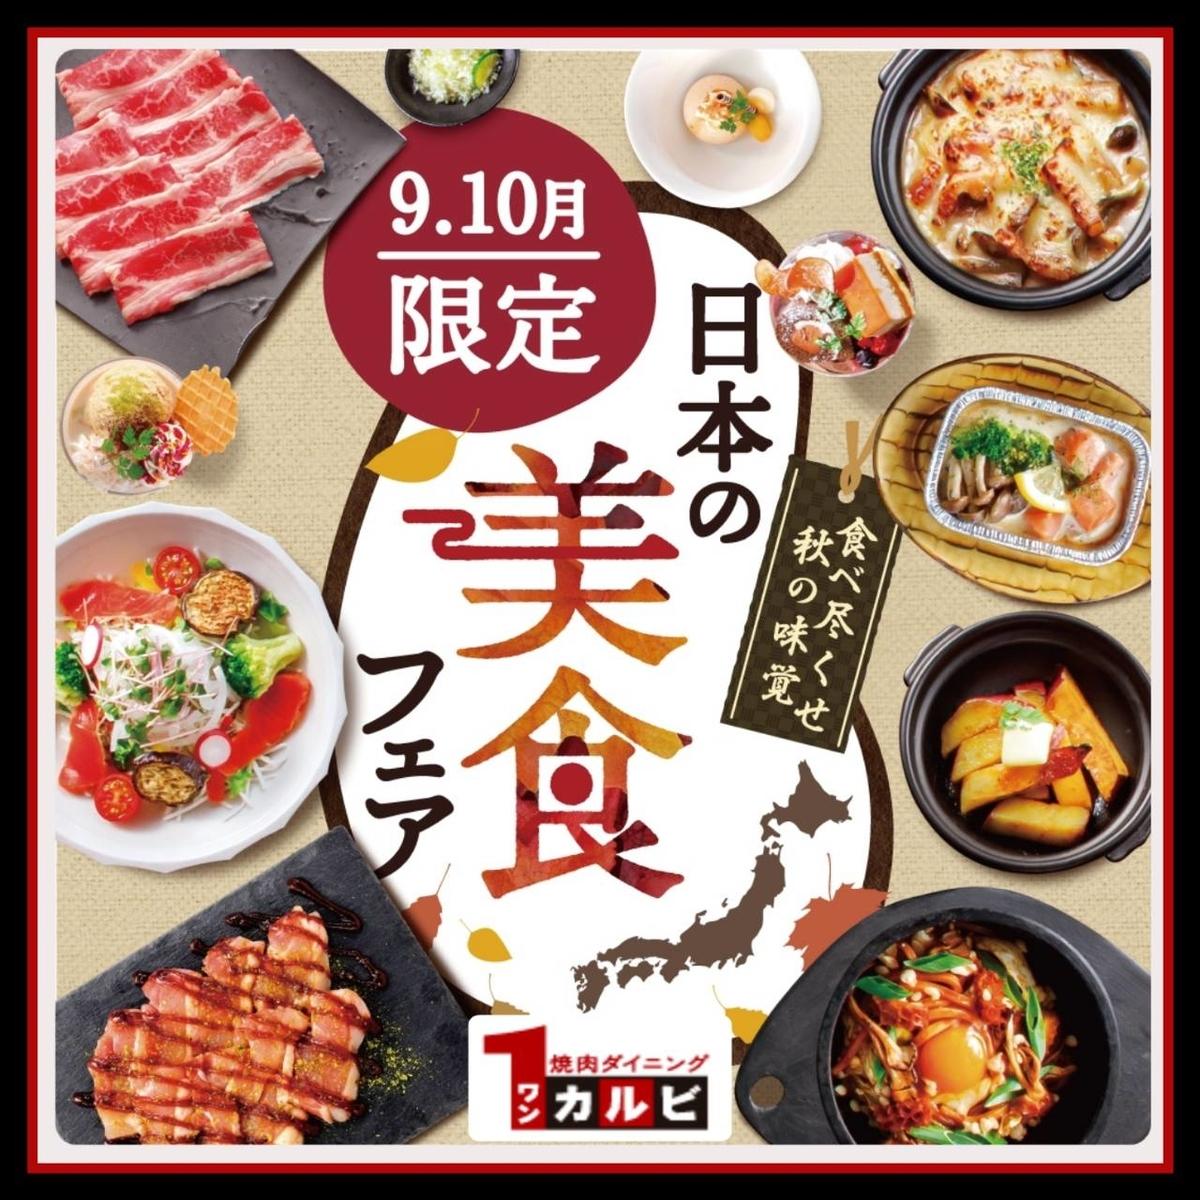 ワンカルビ 2020年9月・10月新メニュー「日本の美食フェア」 LIFE